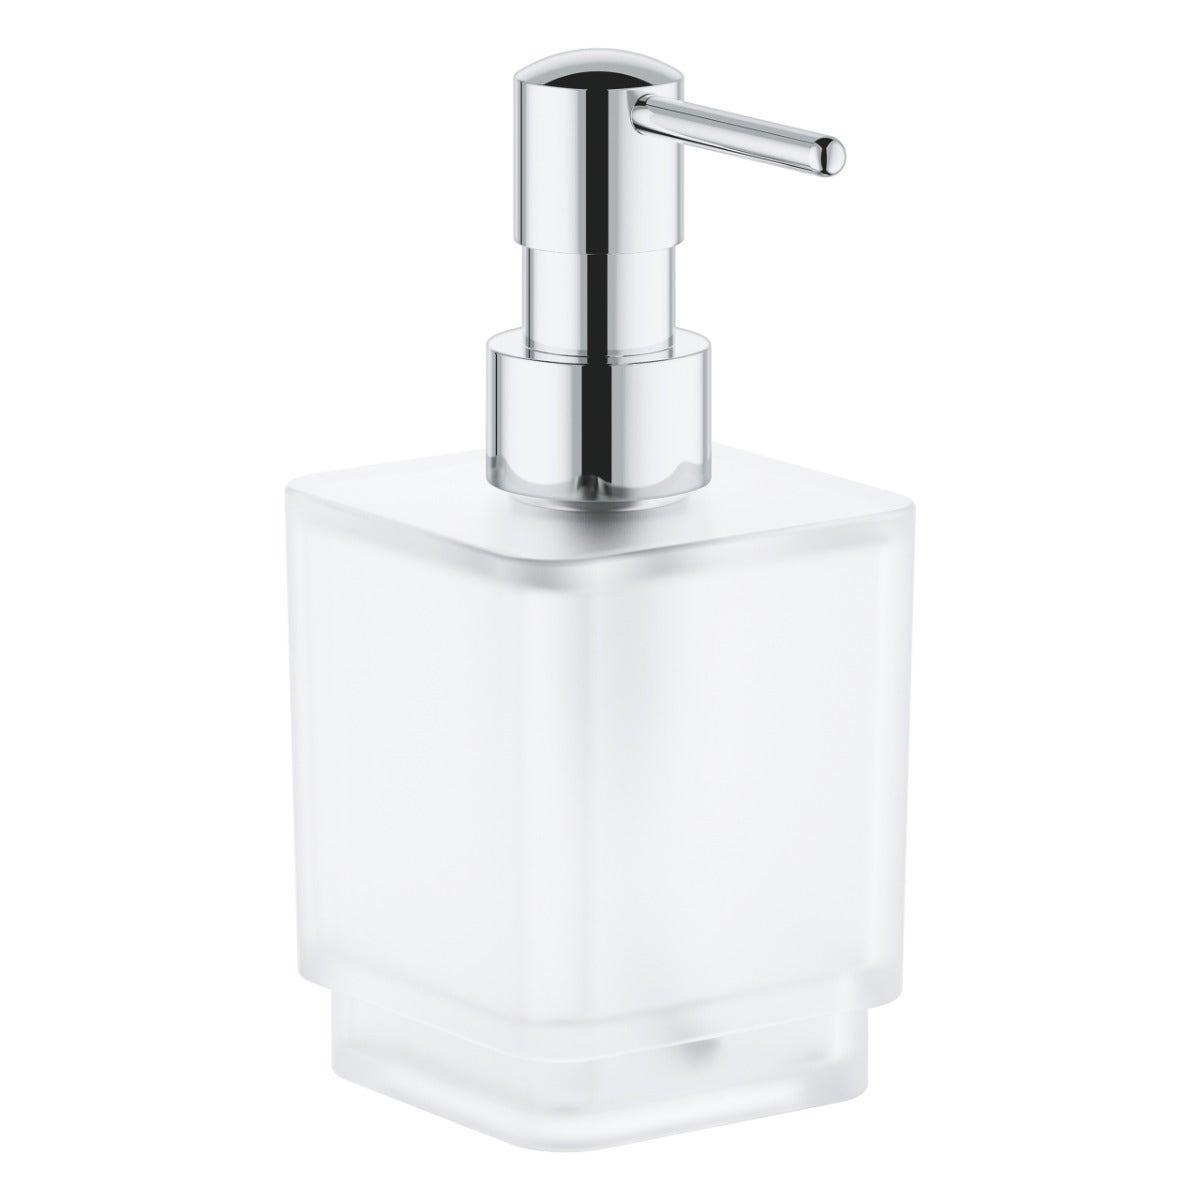 Grohe Selection Cube Distributeur de savon liquide